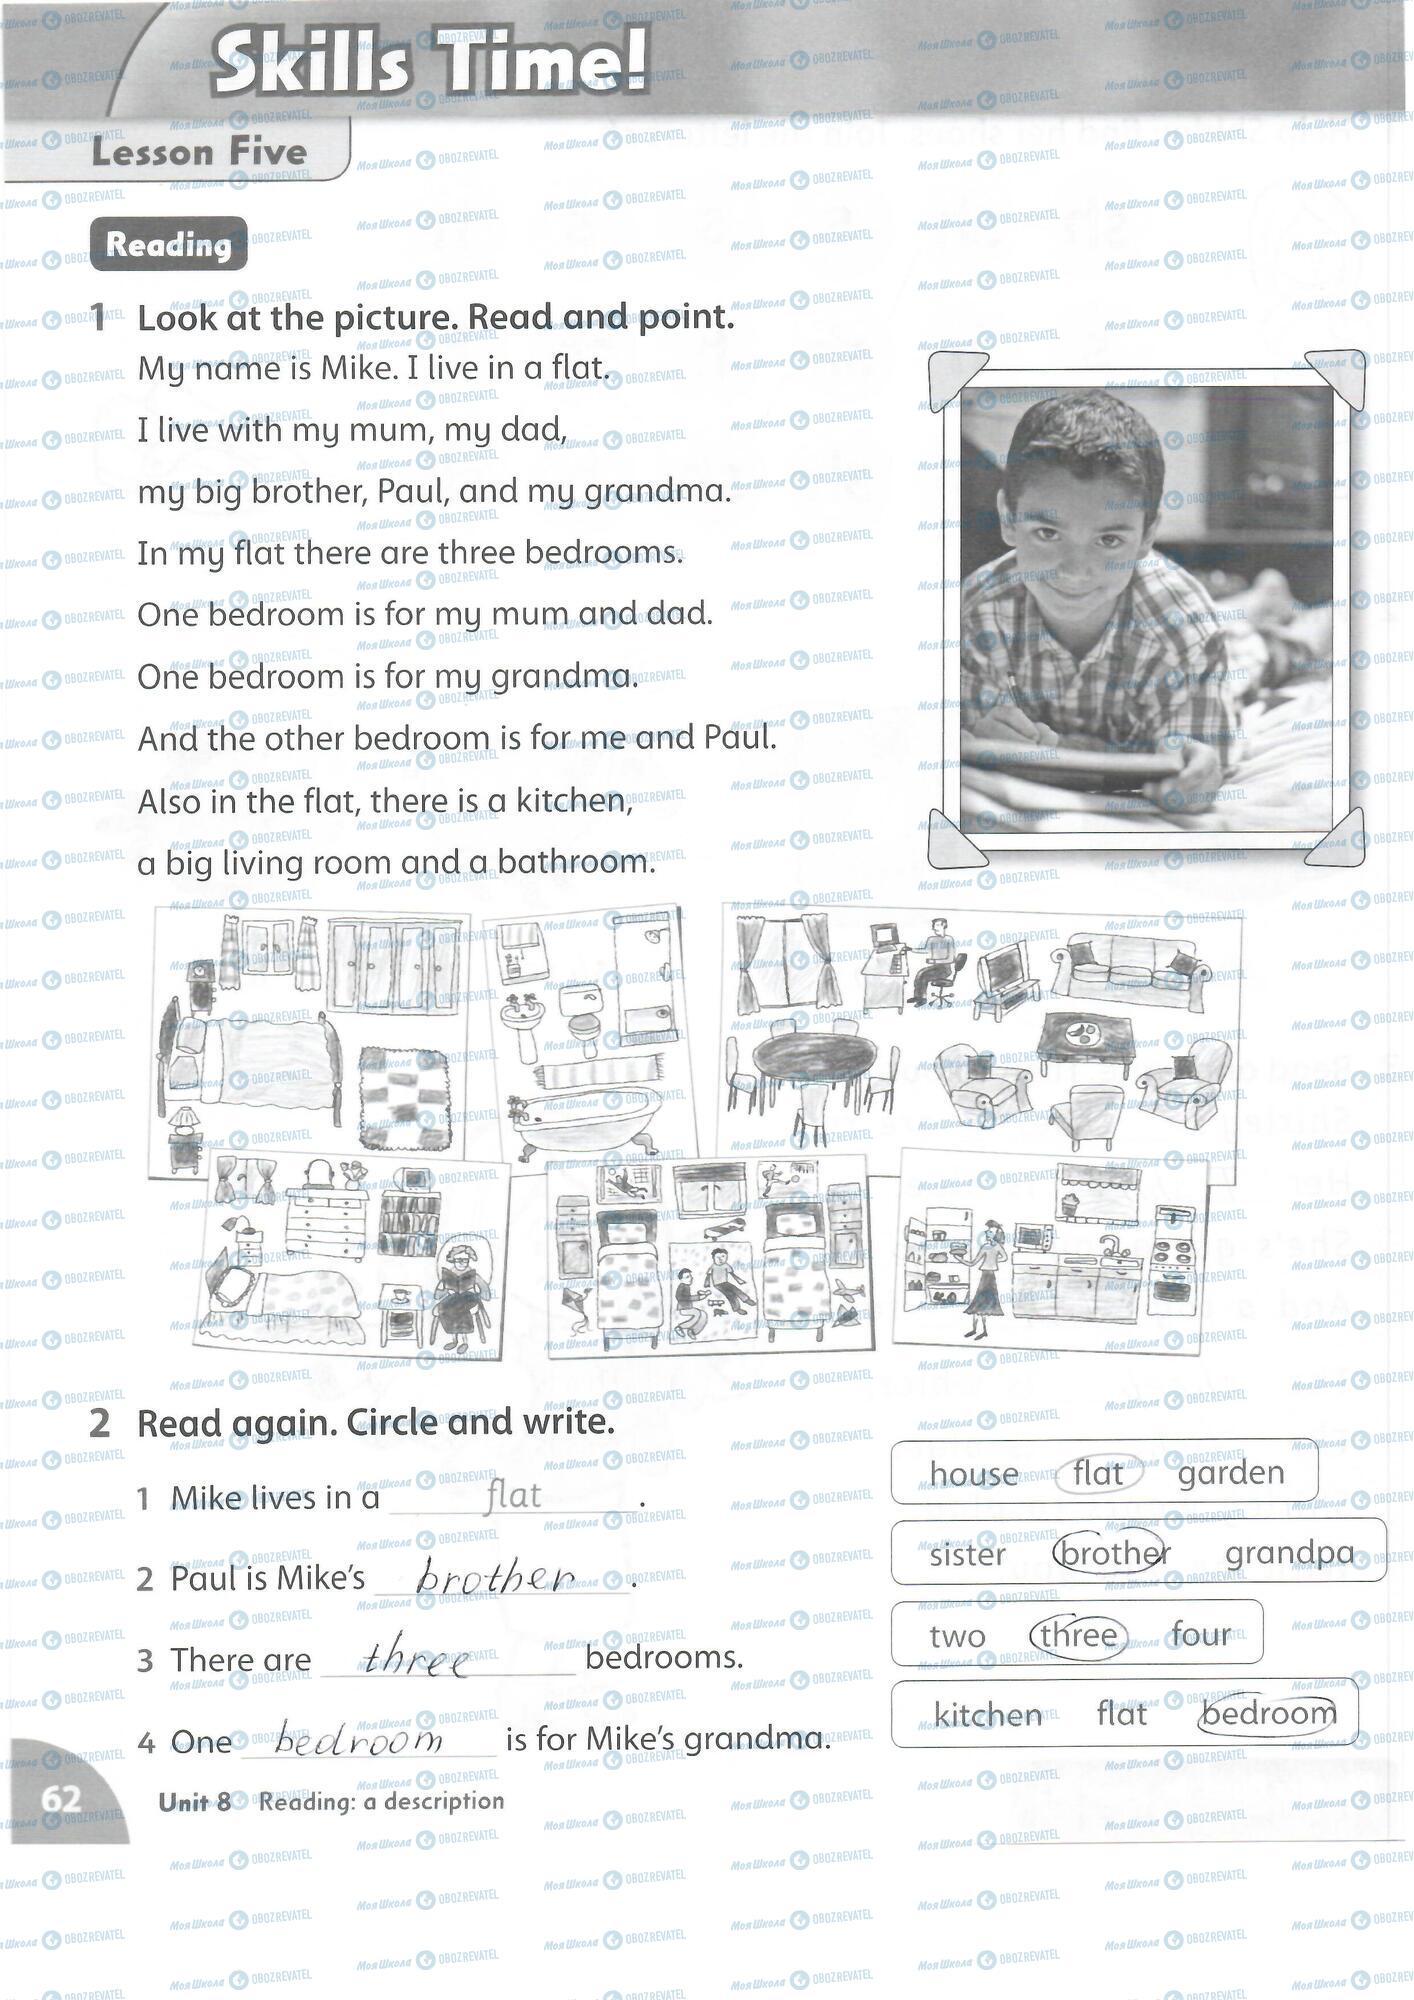 ГДЗ Англійська мова 1 клас сторінка 62